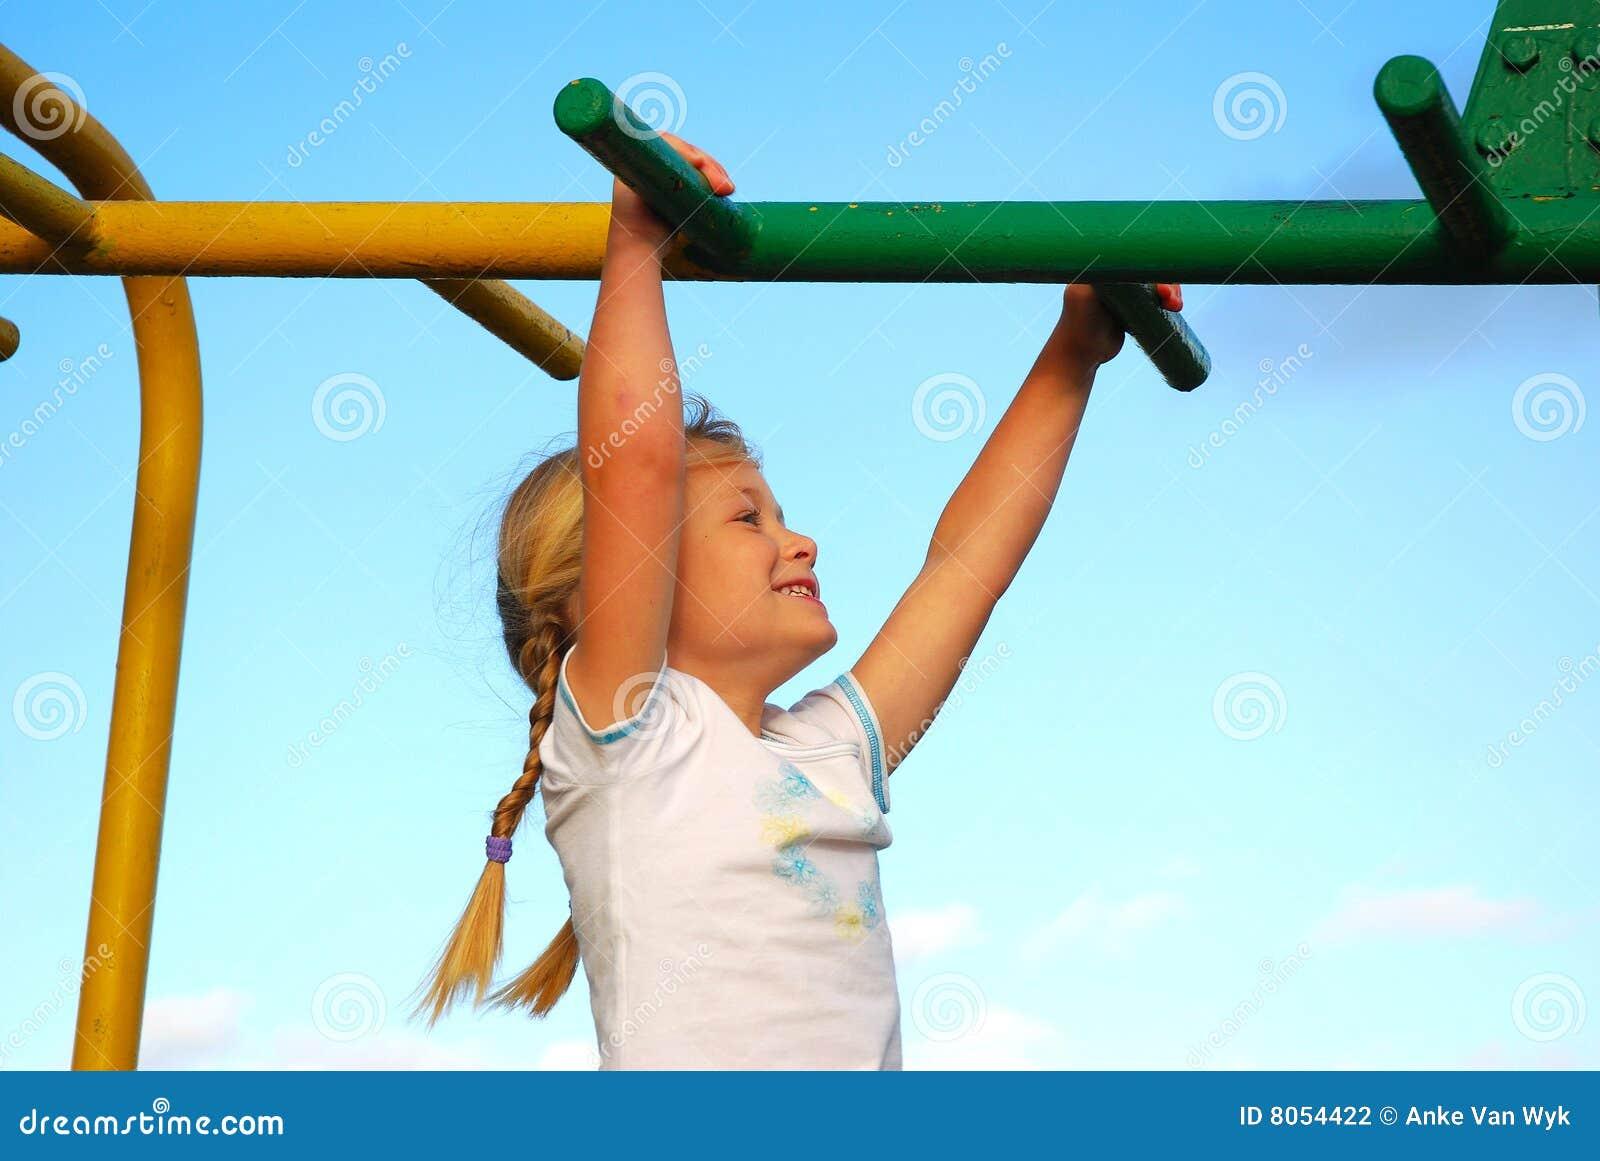 De gelukkige speelplaats van het kind